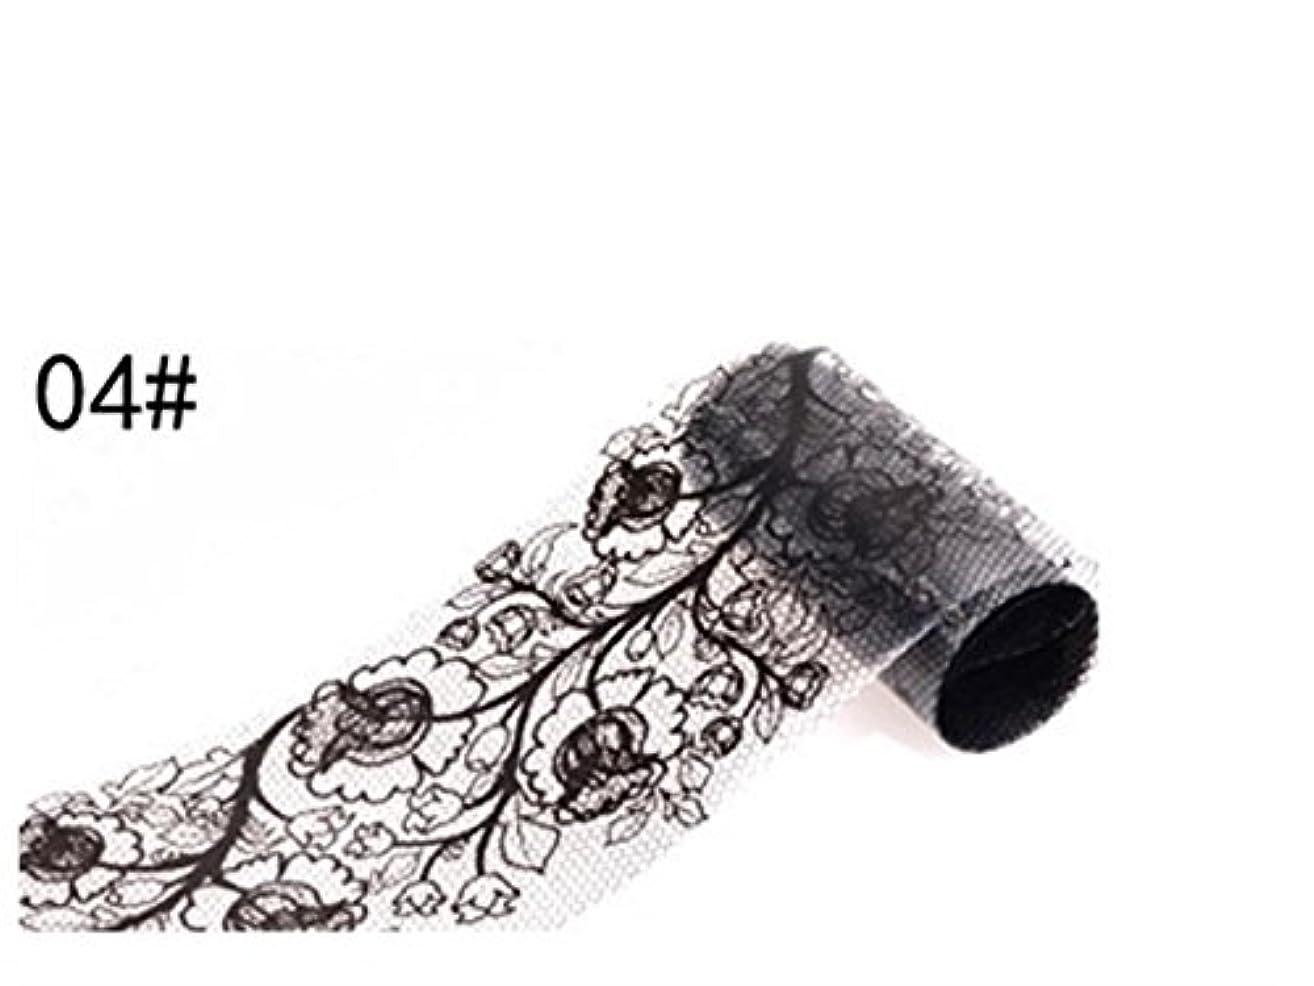 観察にぎやか割り込みOsize ブラックレースのデザインネイルアートステッカーデカールネイルチップのデコレーションブラックレースの花転写箔ネイルアートセクシーなデザインのステッカー(ブラック)